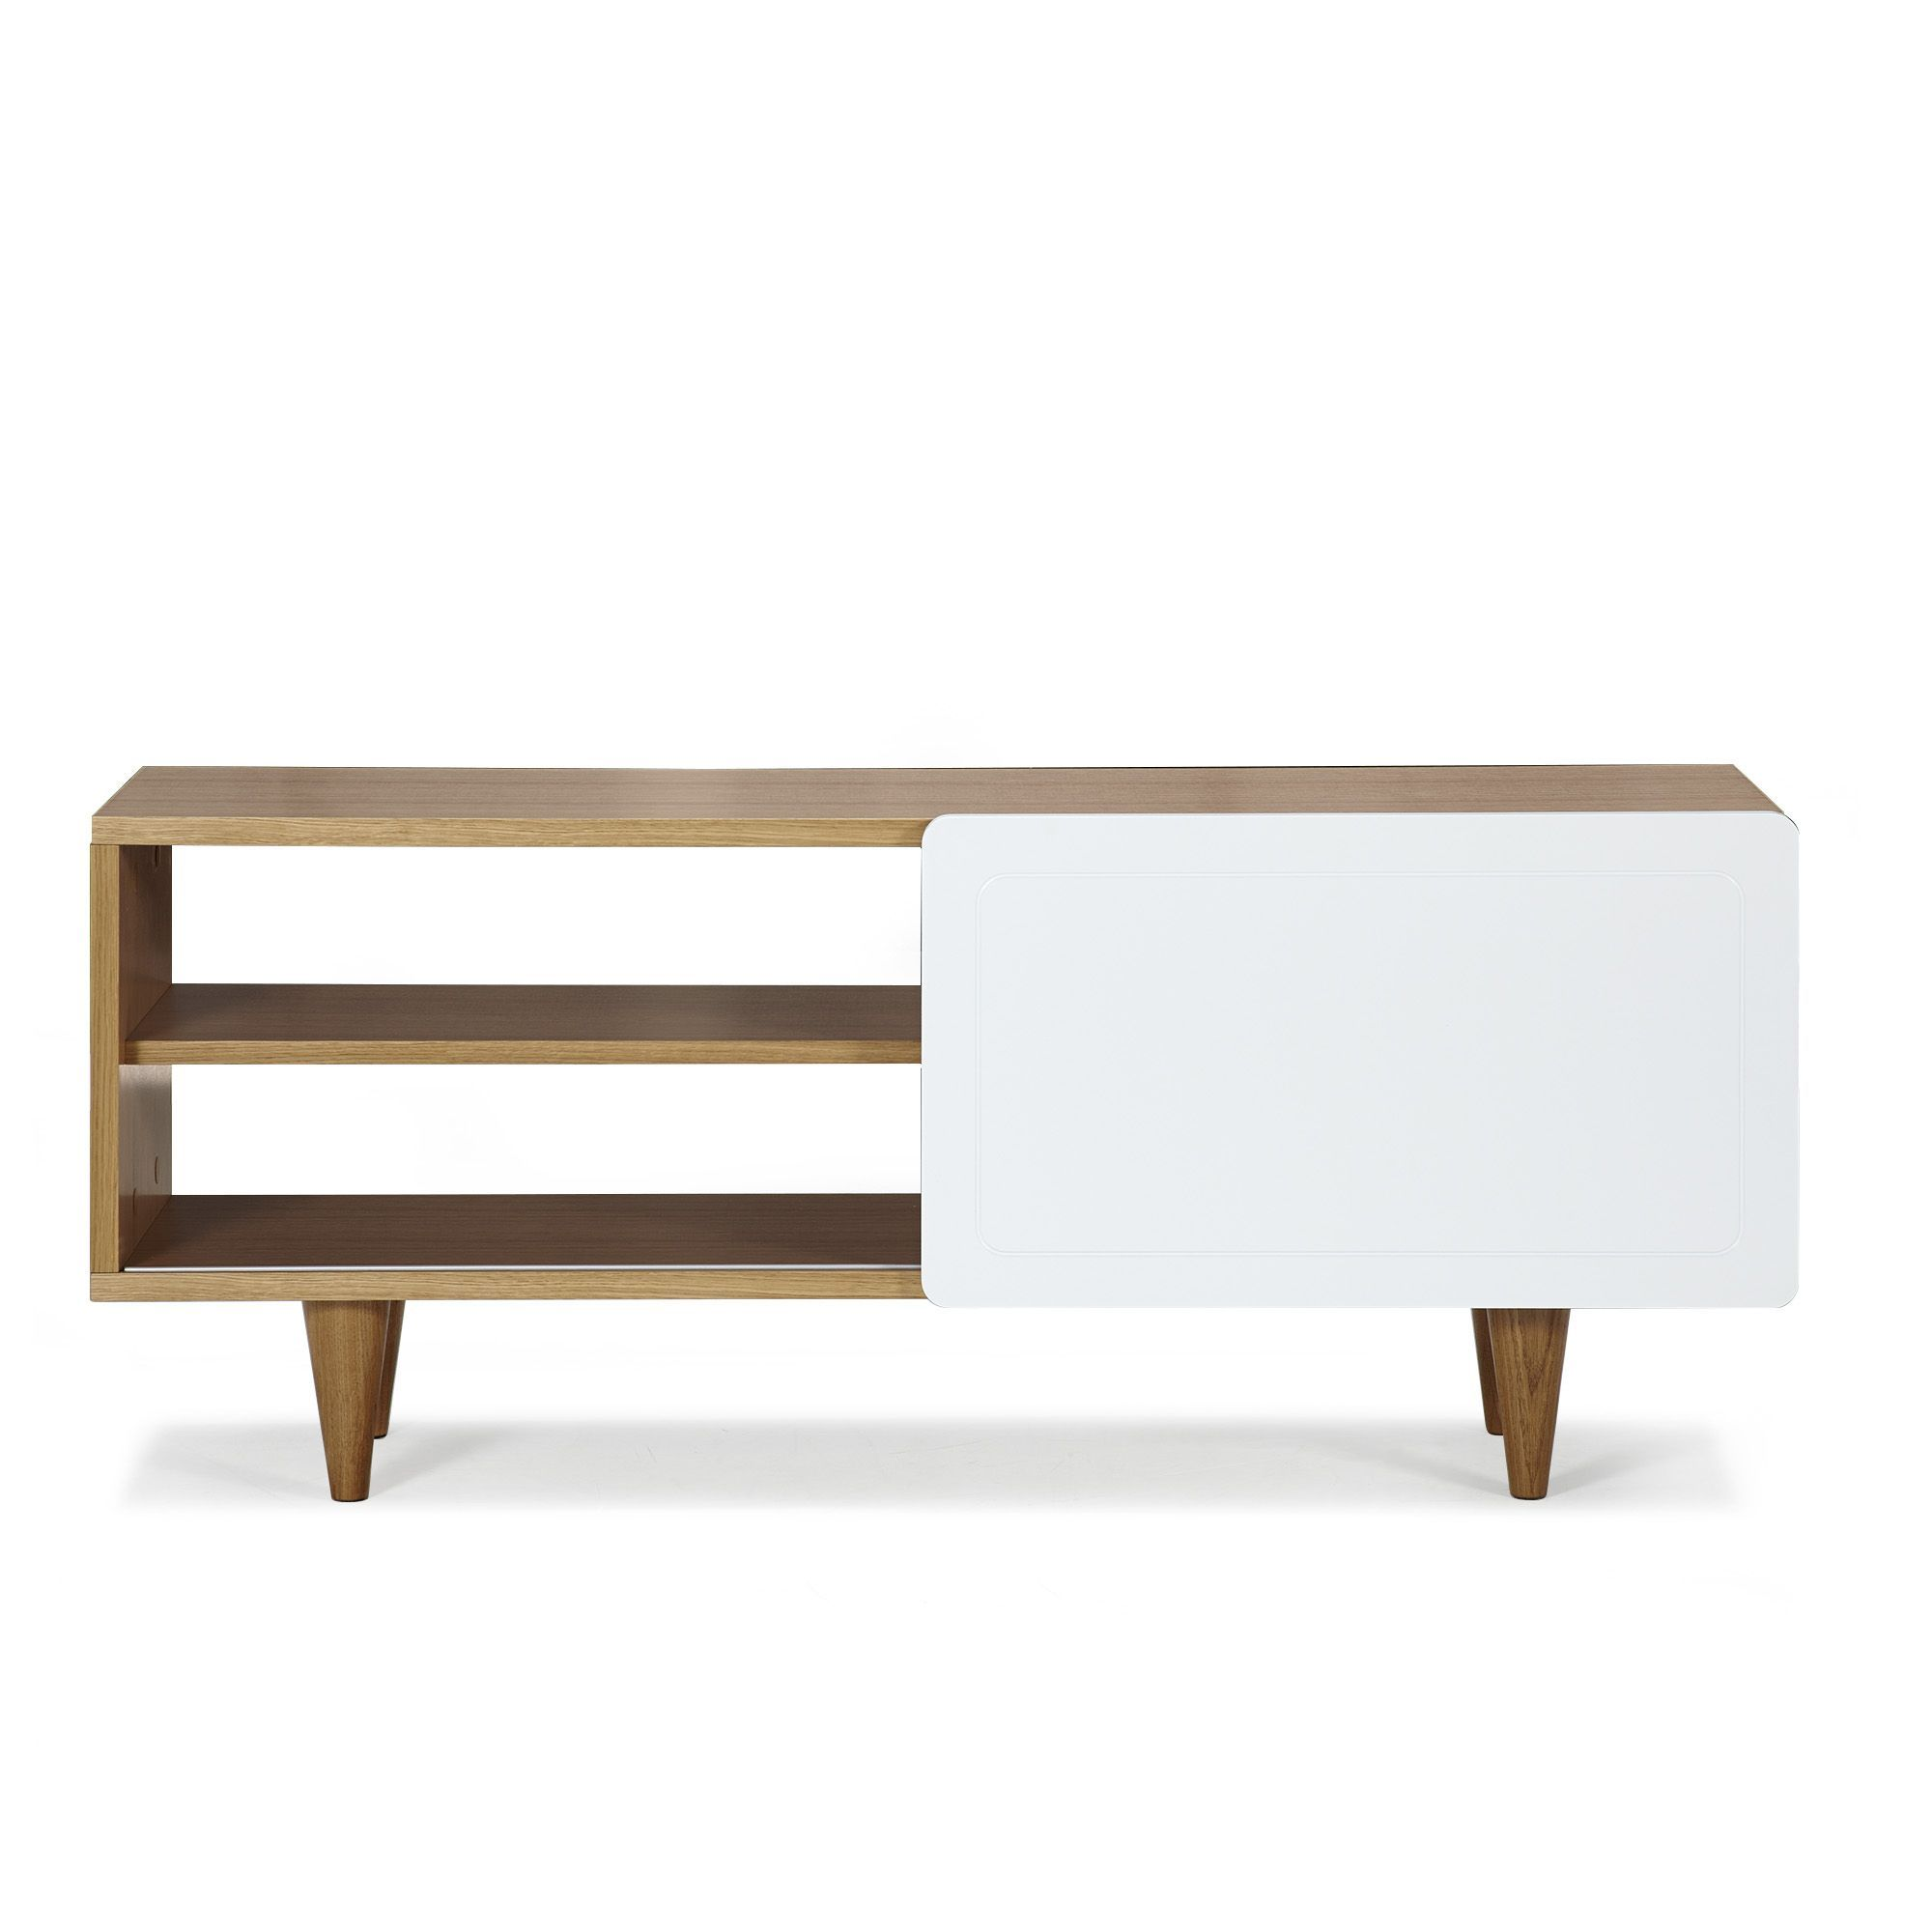 Meuble tv 1 porte coulissante plaqu ch ne laqu blanc for Glissiere porte coulissante meuble